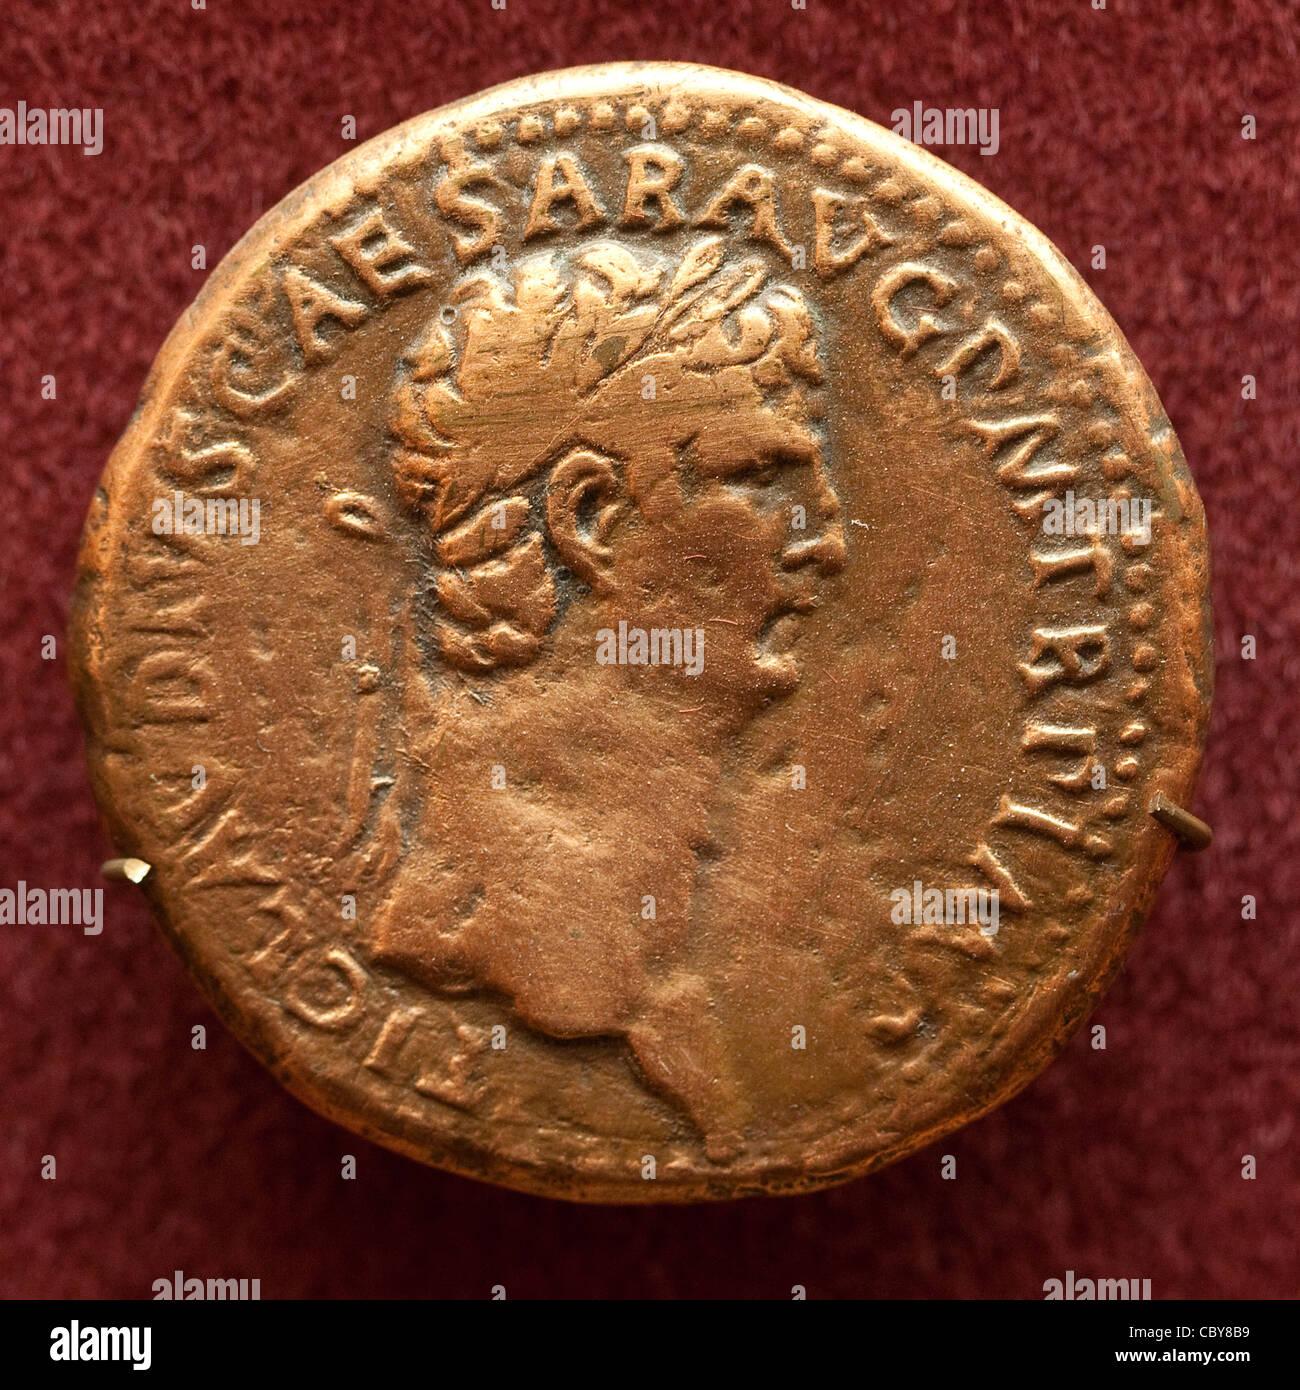 Ancient roman aurei coin depicting gaius julius caesar augustus ancient roman aurei coin depicting gaius julius caesar augustus germanicus freerunsca Images